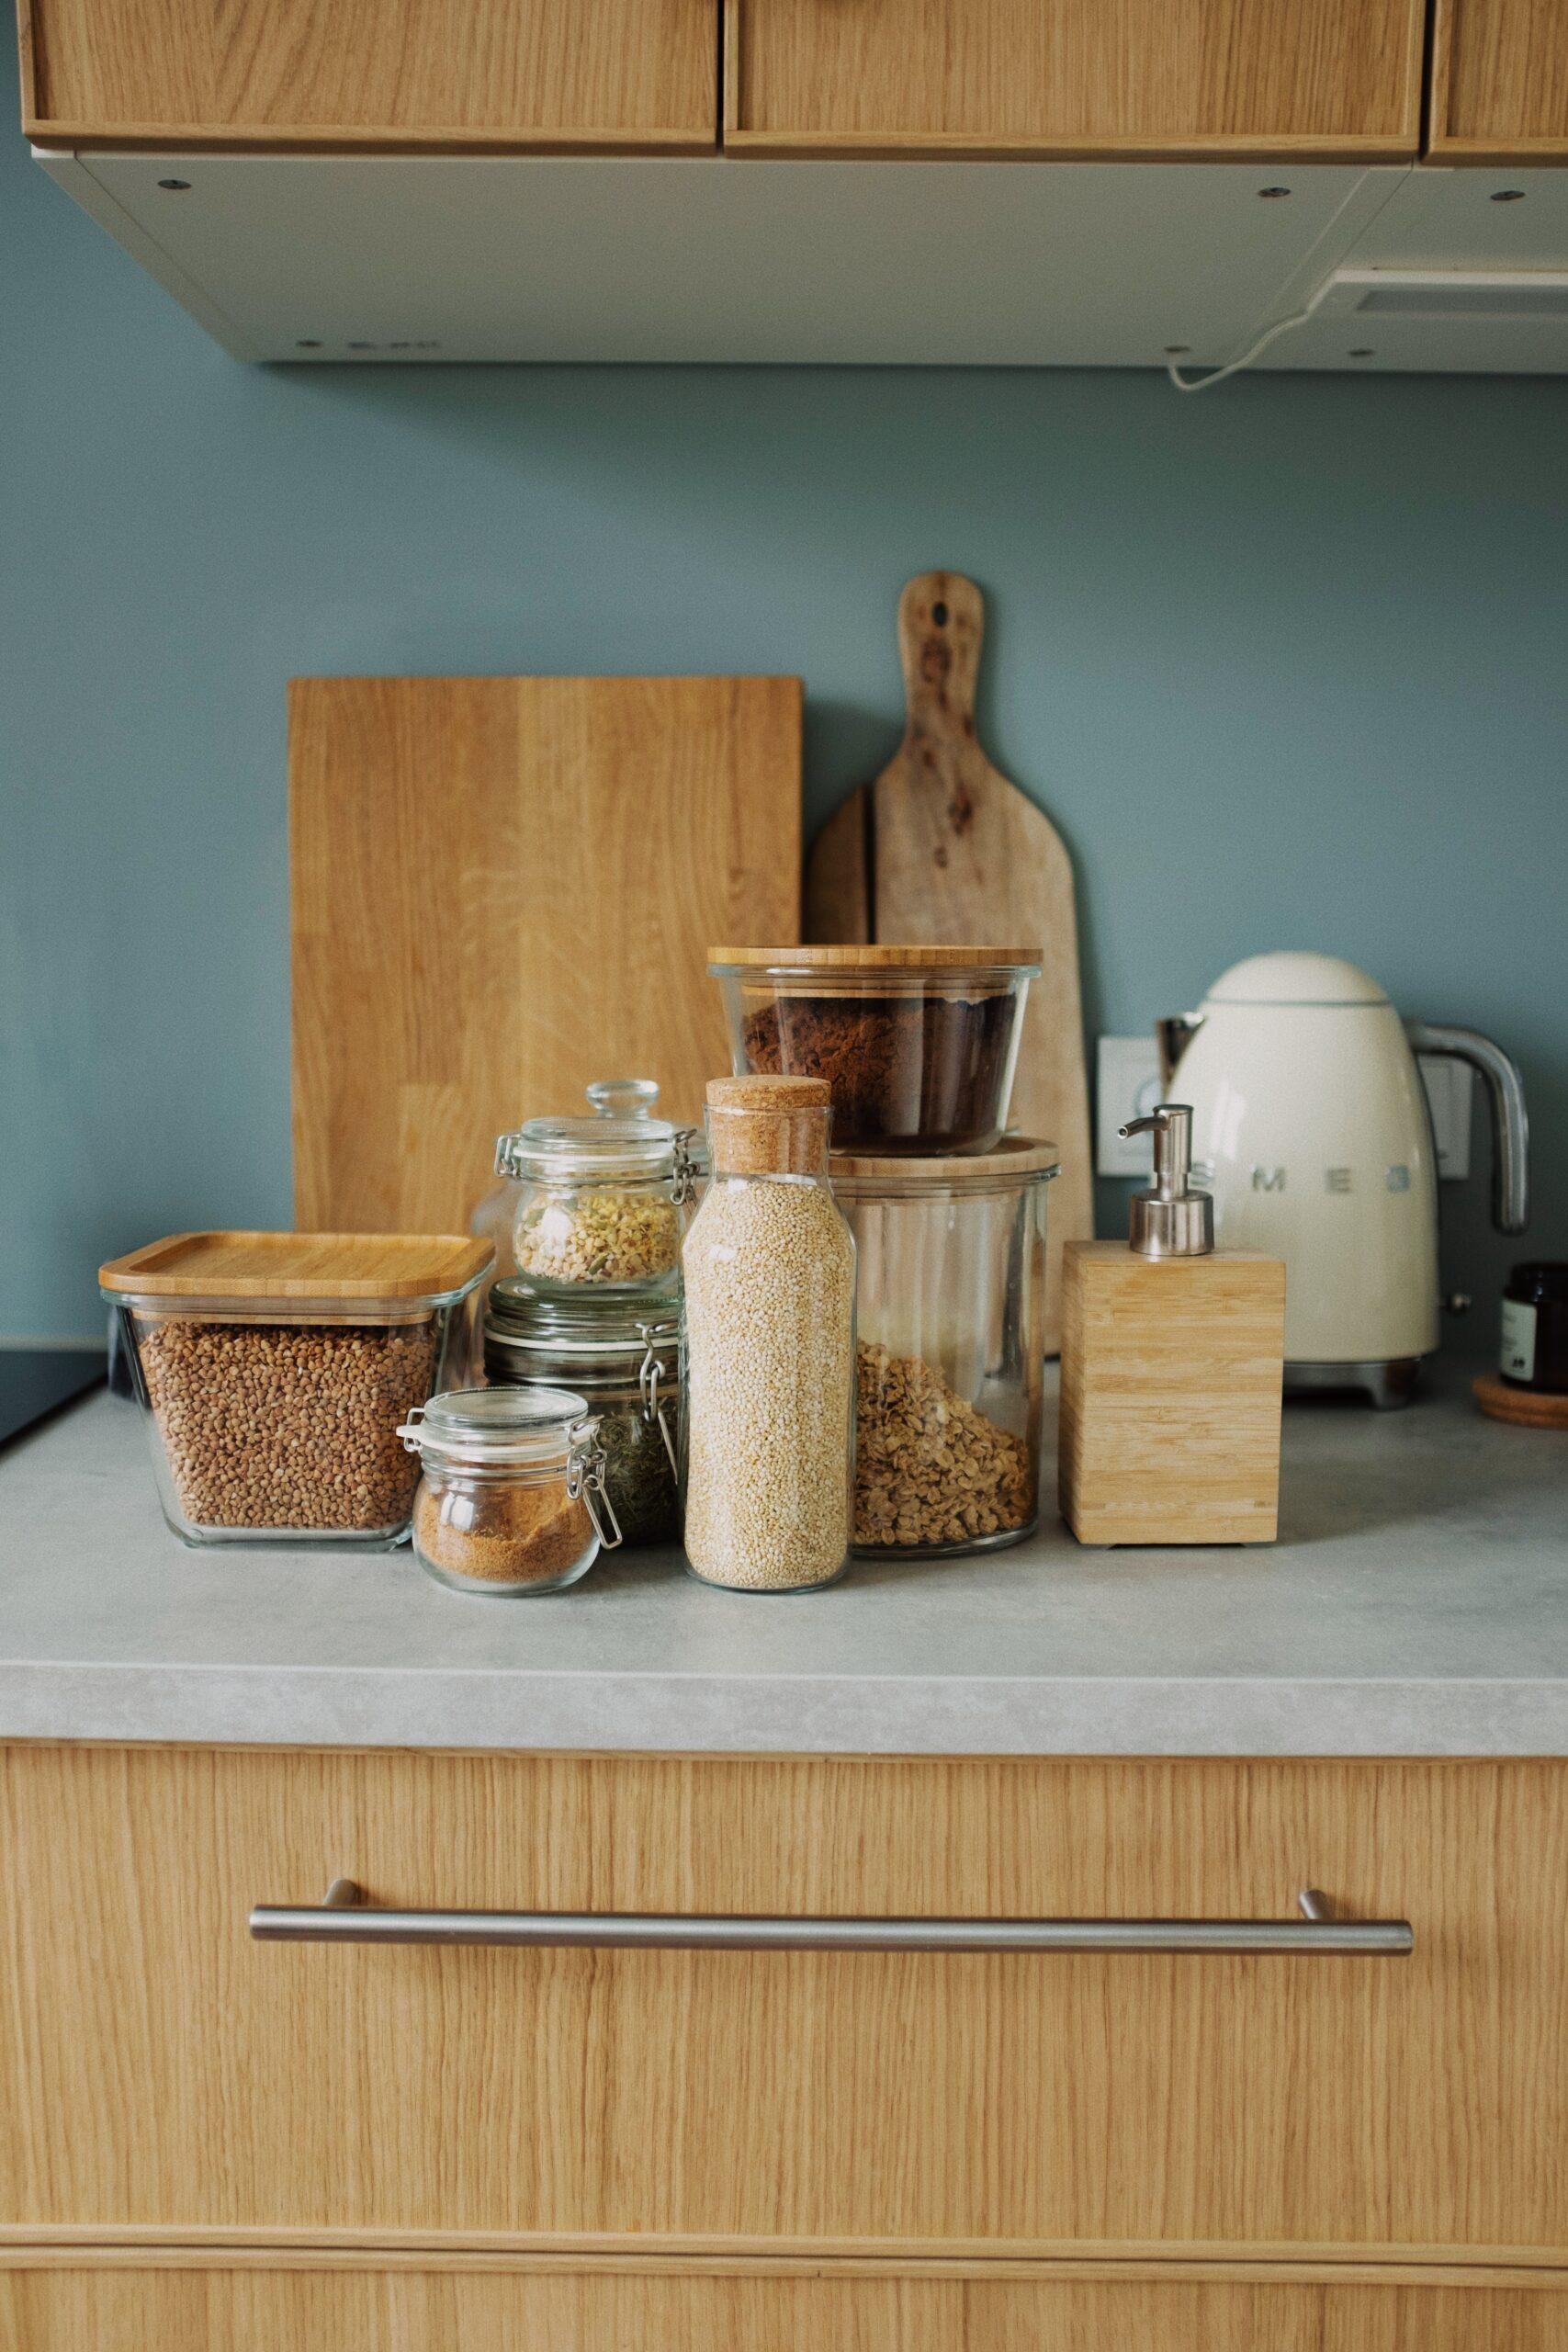 Pravi ročaji v kuhinji, lahko povsem spremenijo izgled prostora